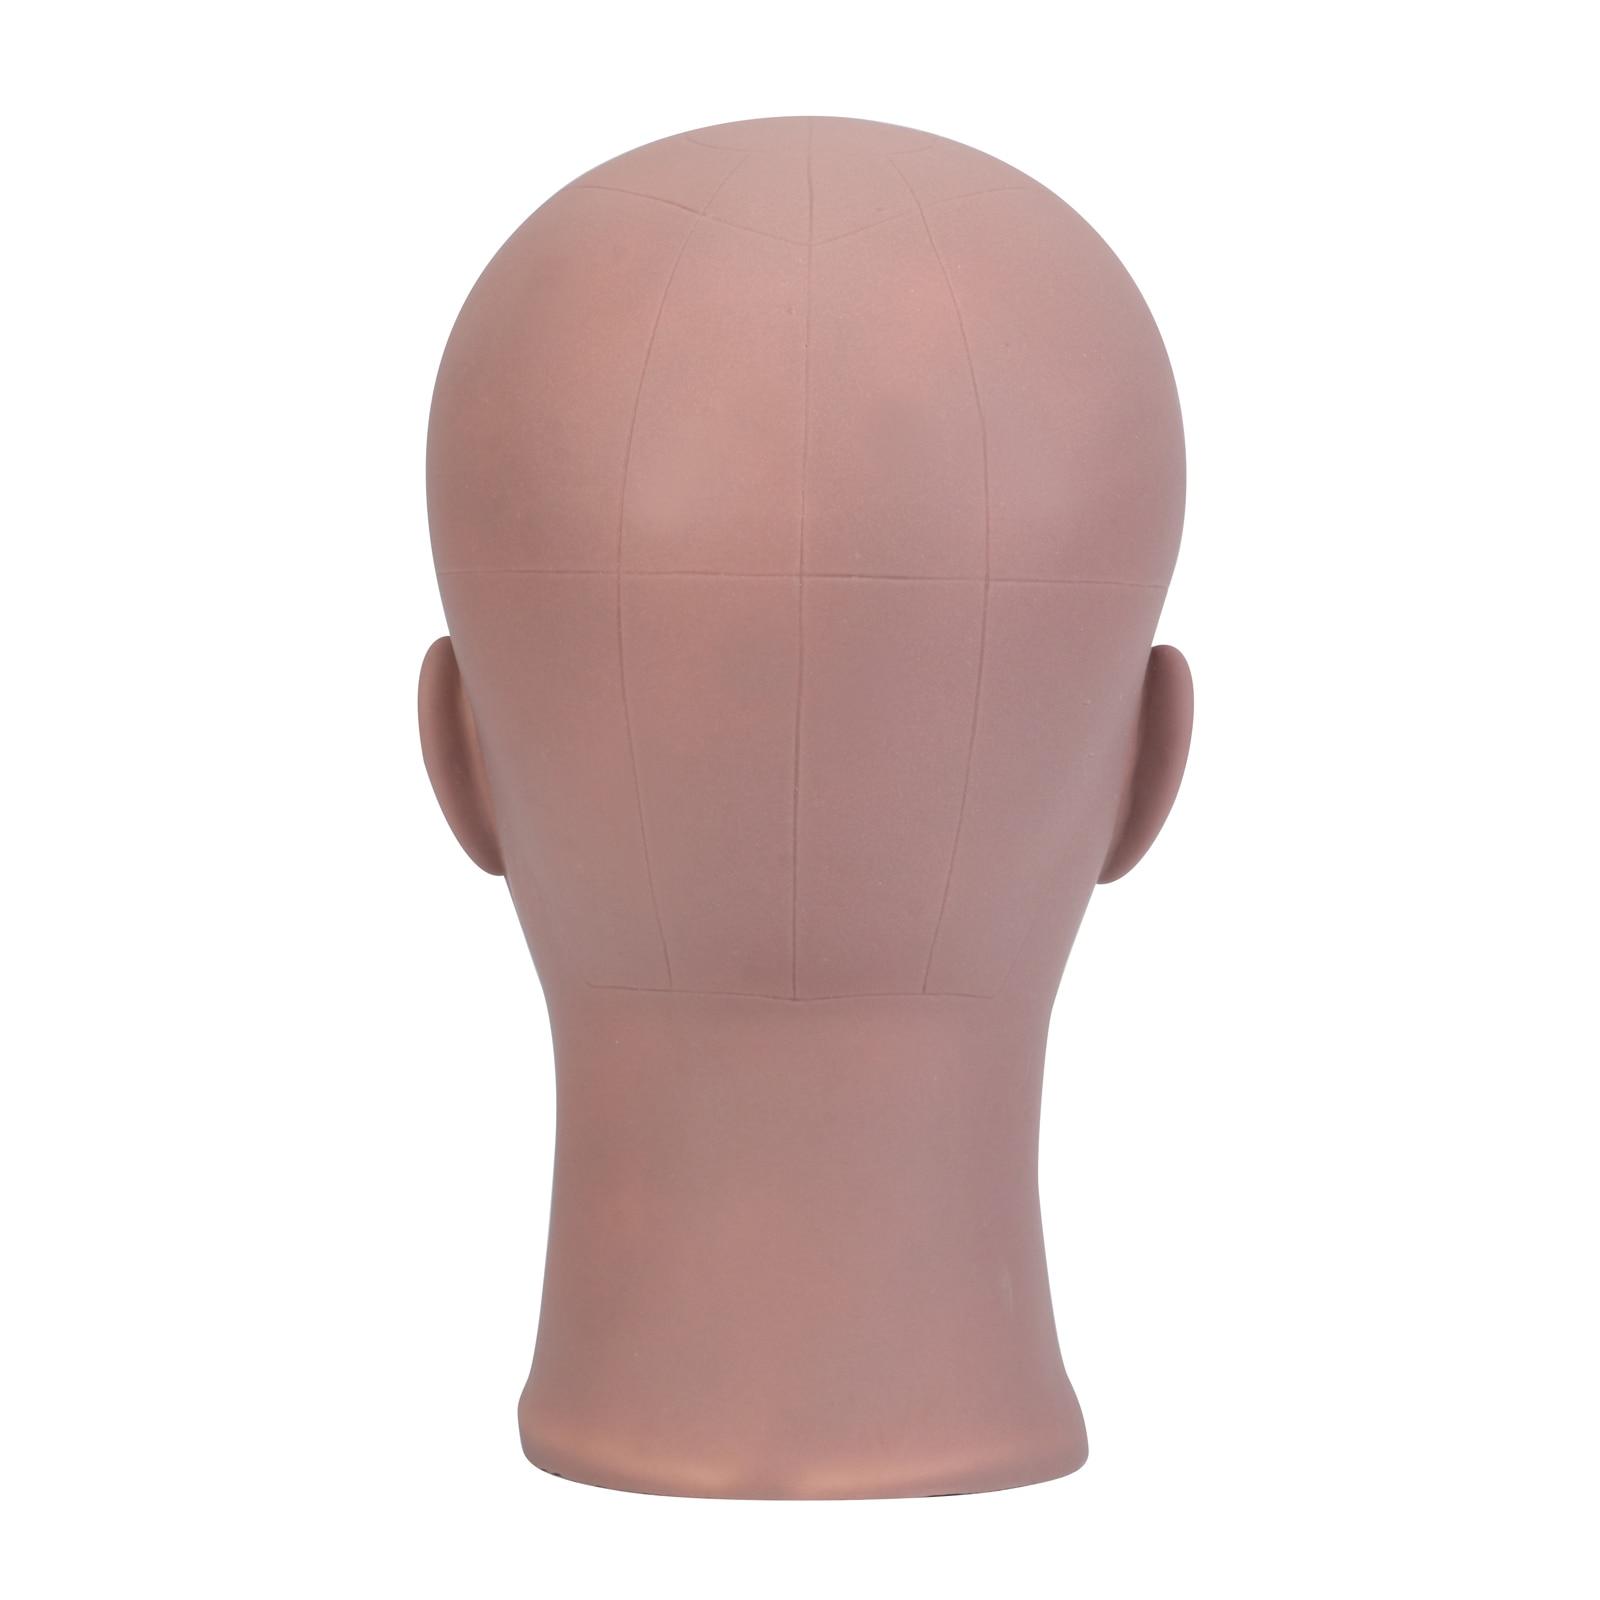 careca com suporte cosmetologia prática manequim formação